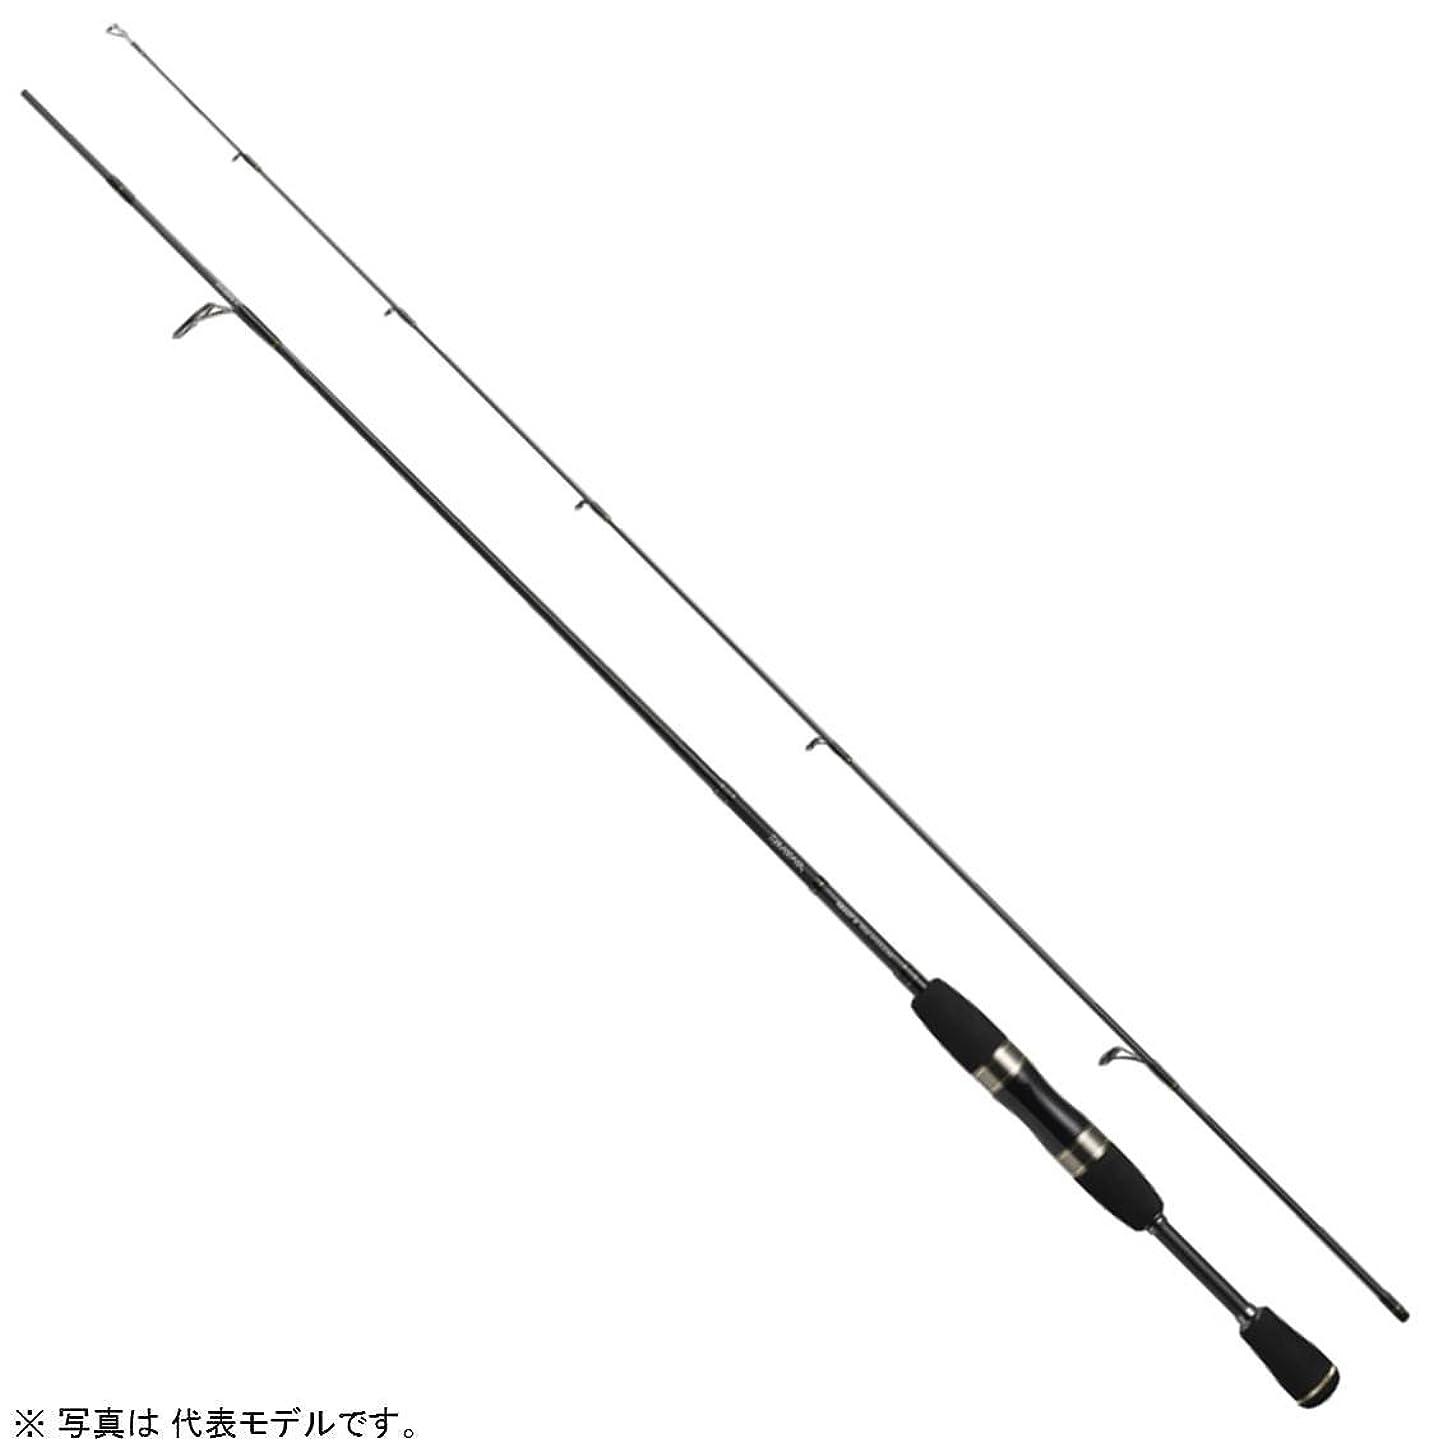 流用する期待して要求するダイワ(Daiwa) トラウトロッド スピニング トラウト X 64UL 釣り竿